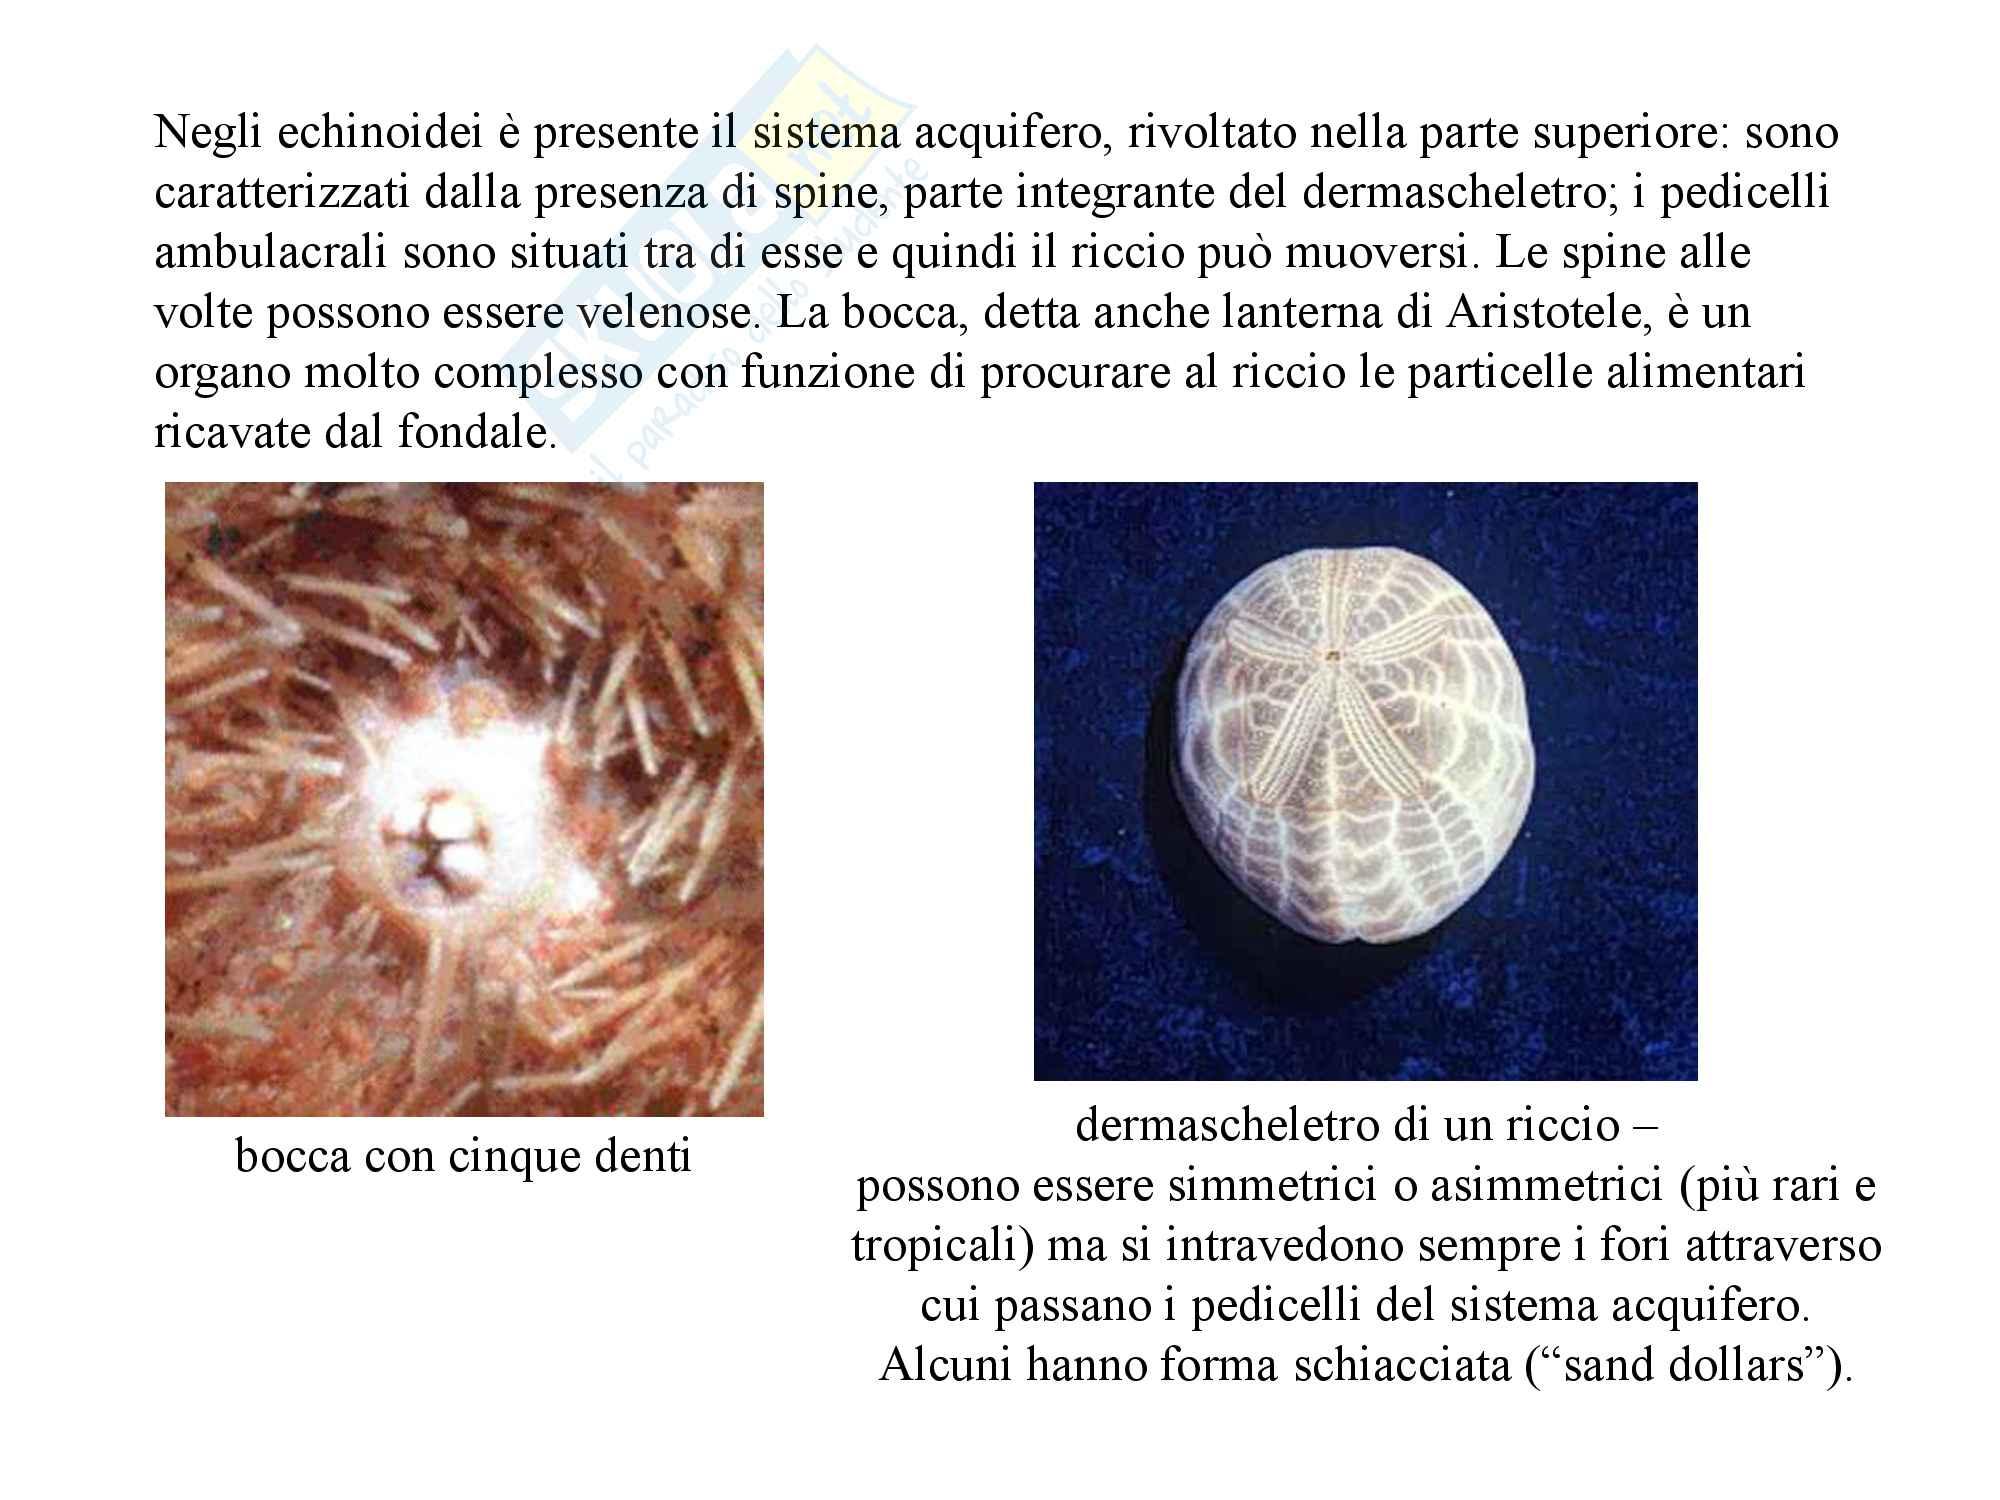 Echinodermi, zoologia, scienze biologiche Pag. 21